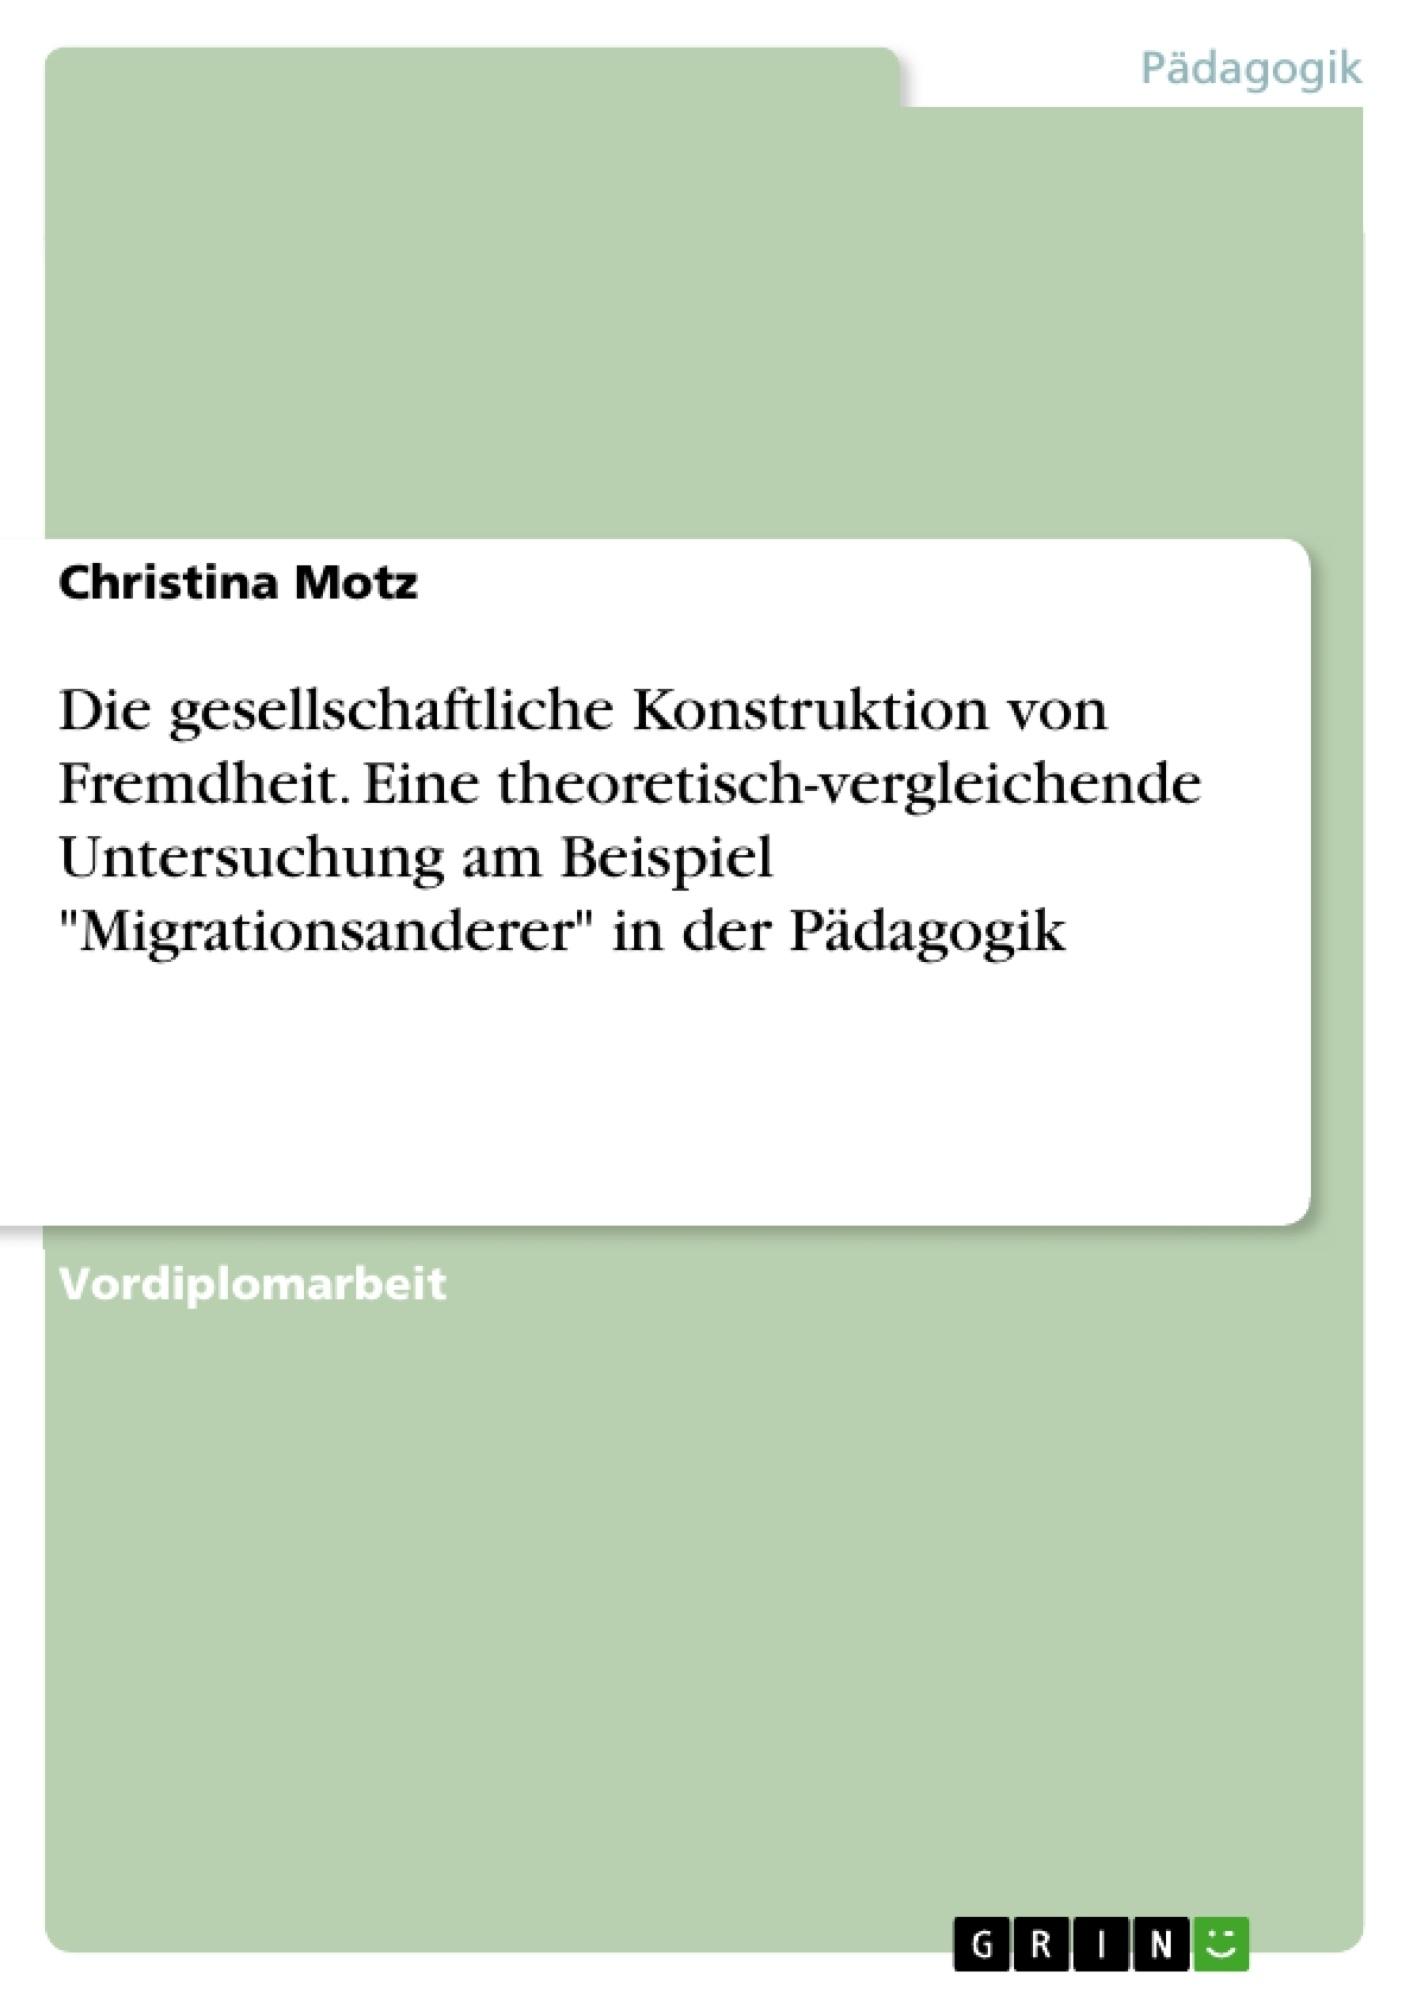 """Titel: Die gesellschaftliche Konstruktion von Fremdheit. Eine theoretisch-vergleichende Untersuchung am Beispiel """"Migrationsanderer"""" in der Pädagogik"""